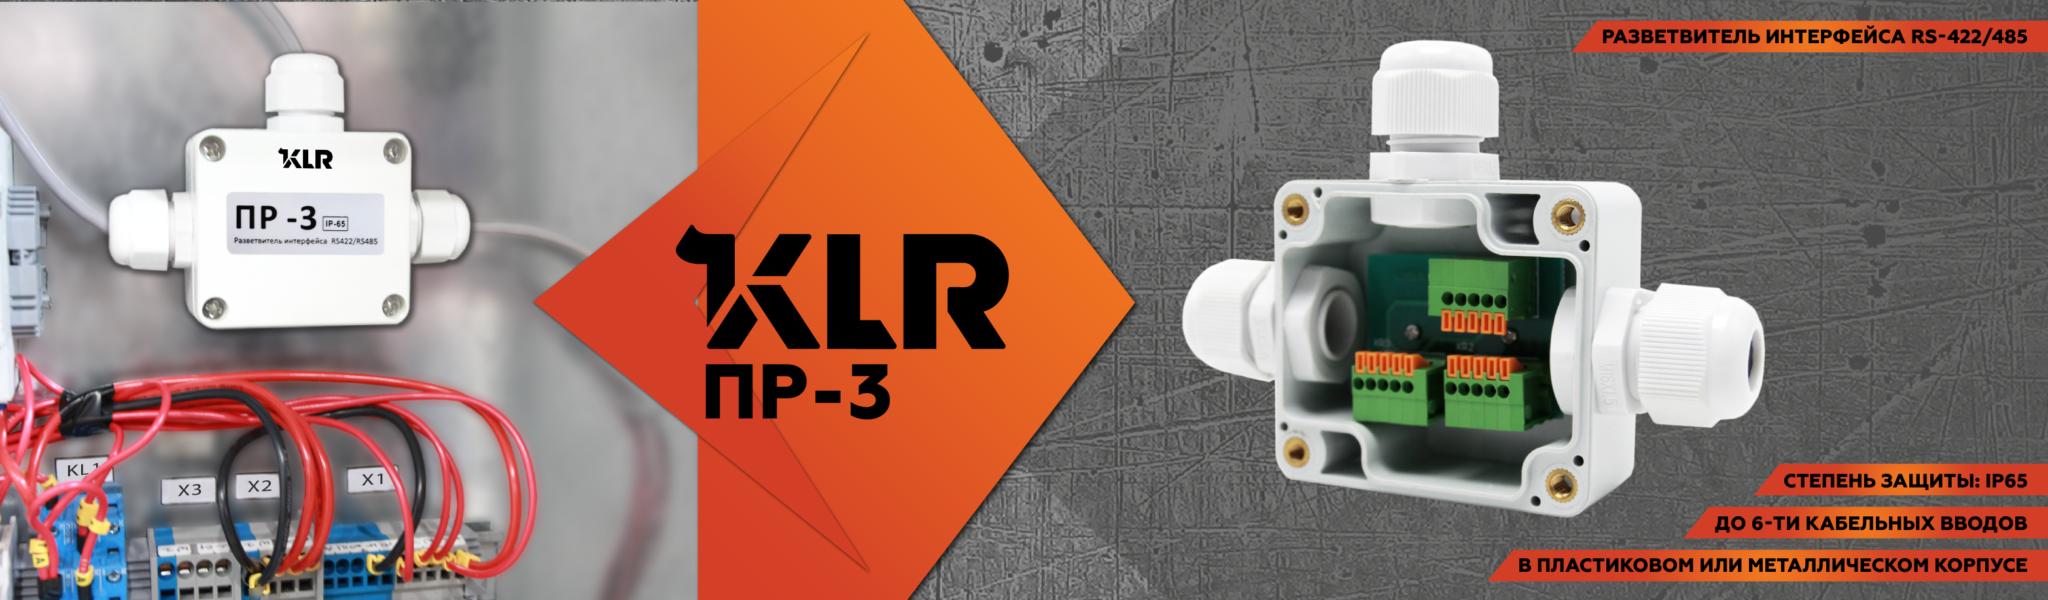 KLR - Разветвитель интерфейса RS 422/485 ПР-3